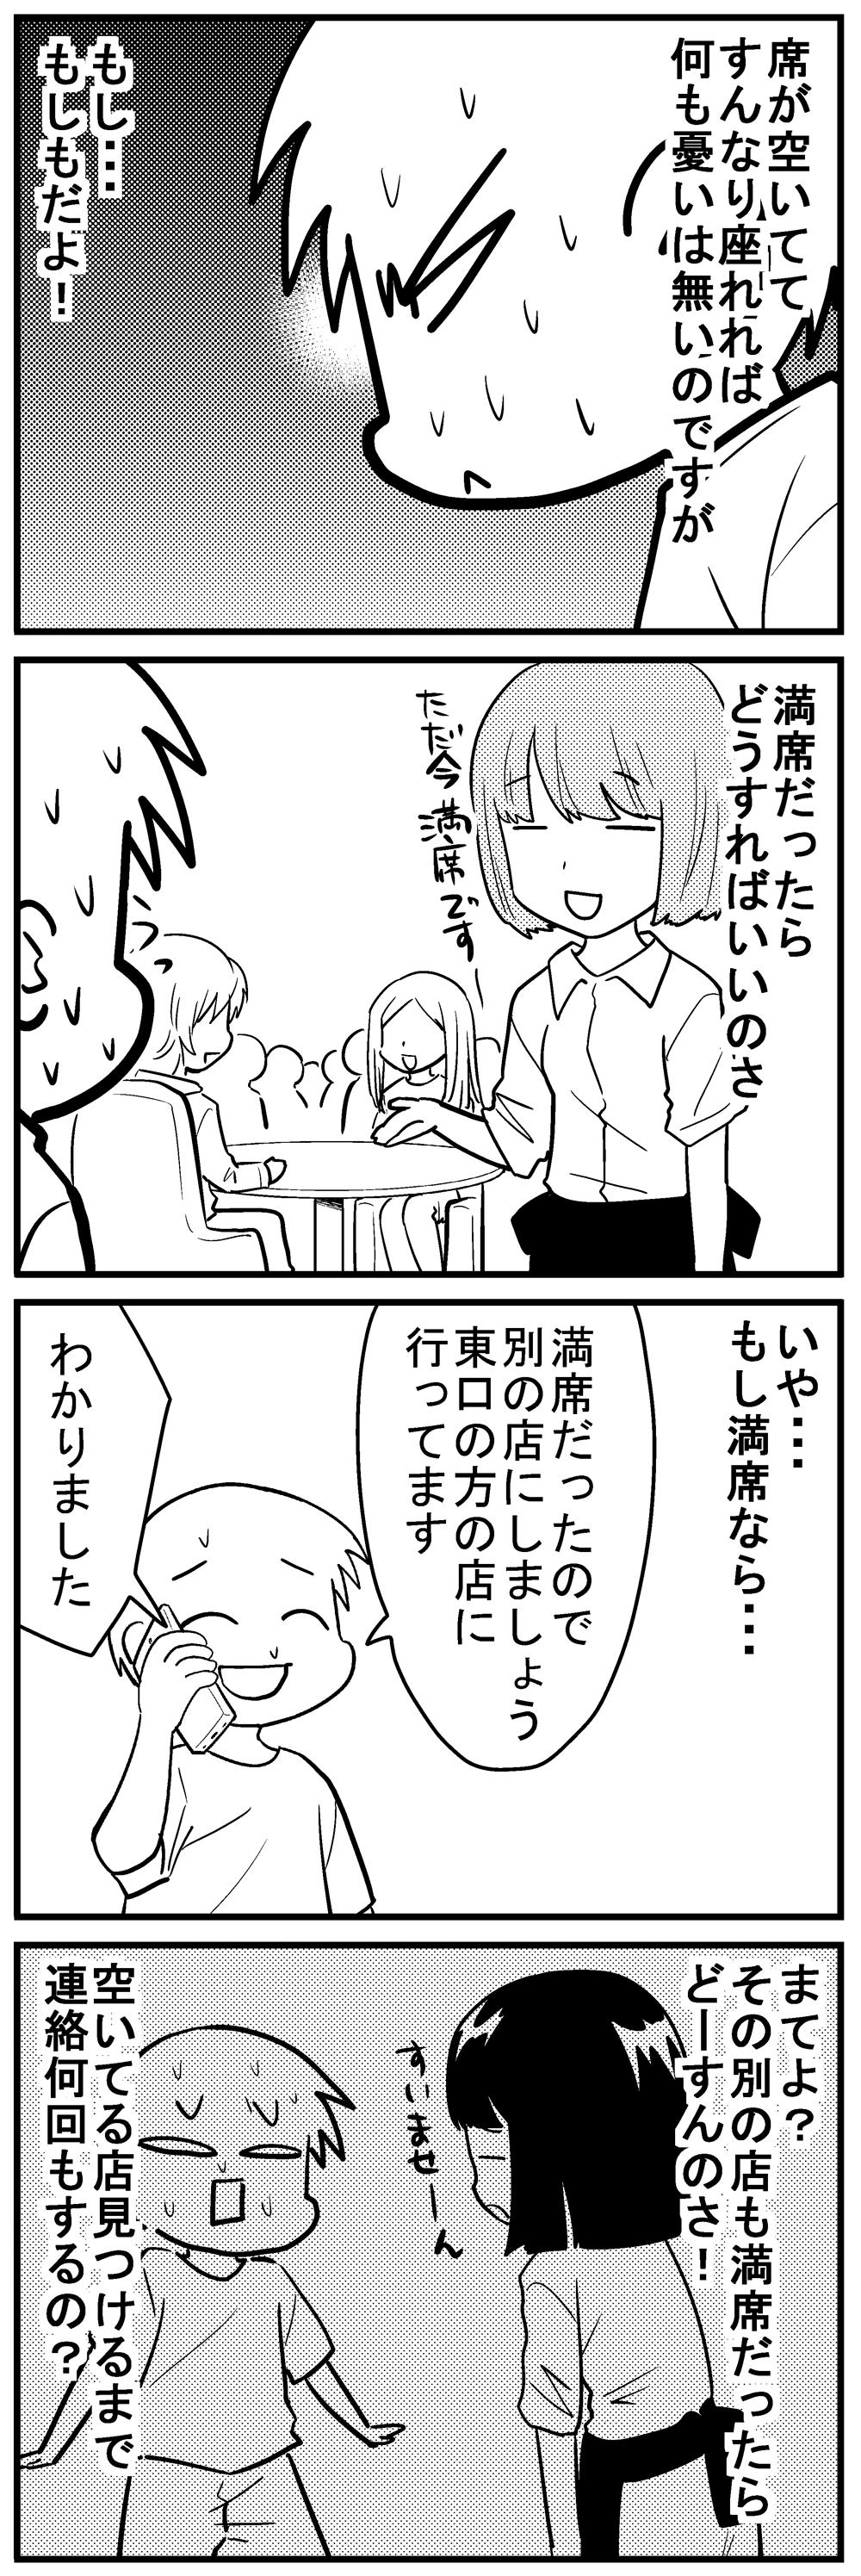 深読みくん69-2